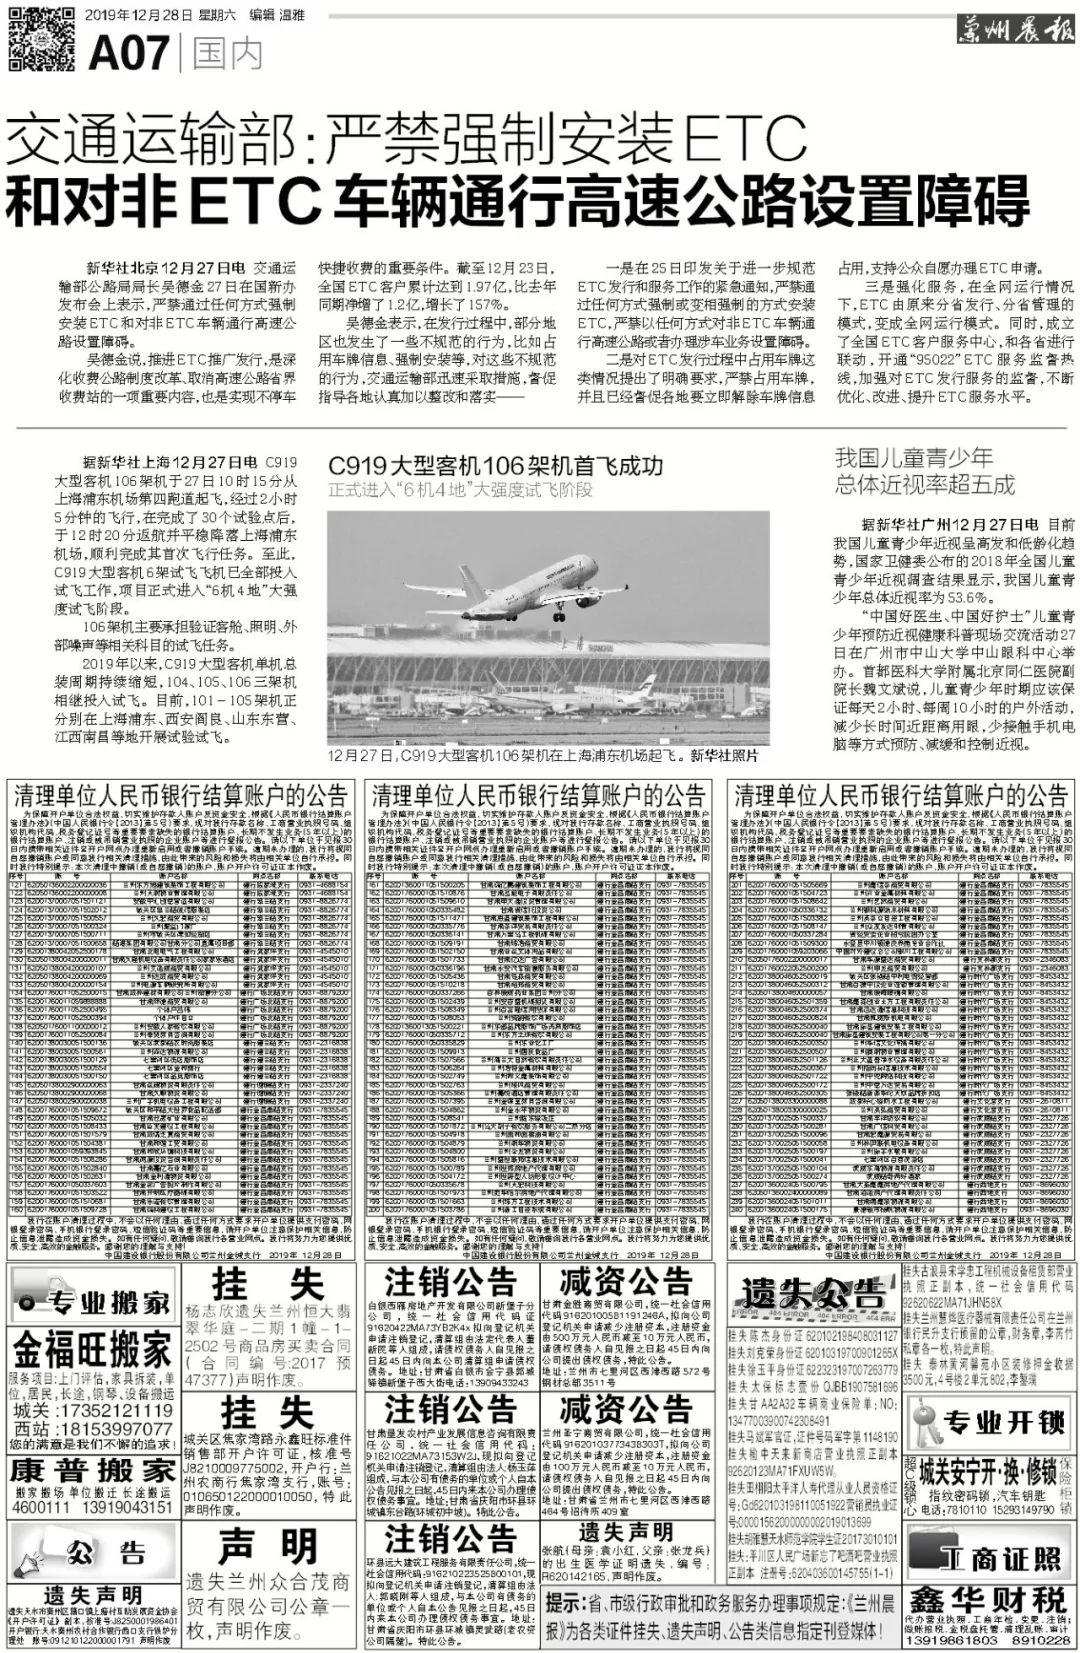 兰州晨报在线速览 2019年12月28日